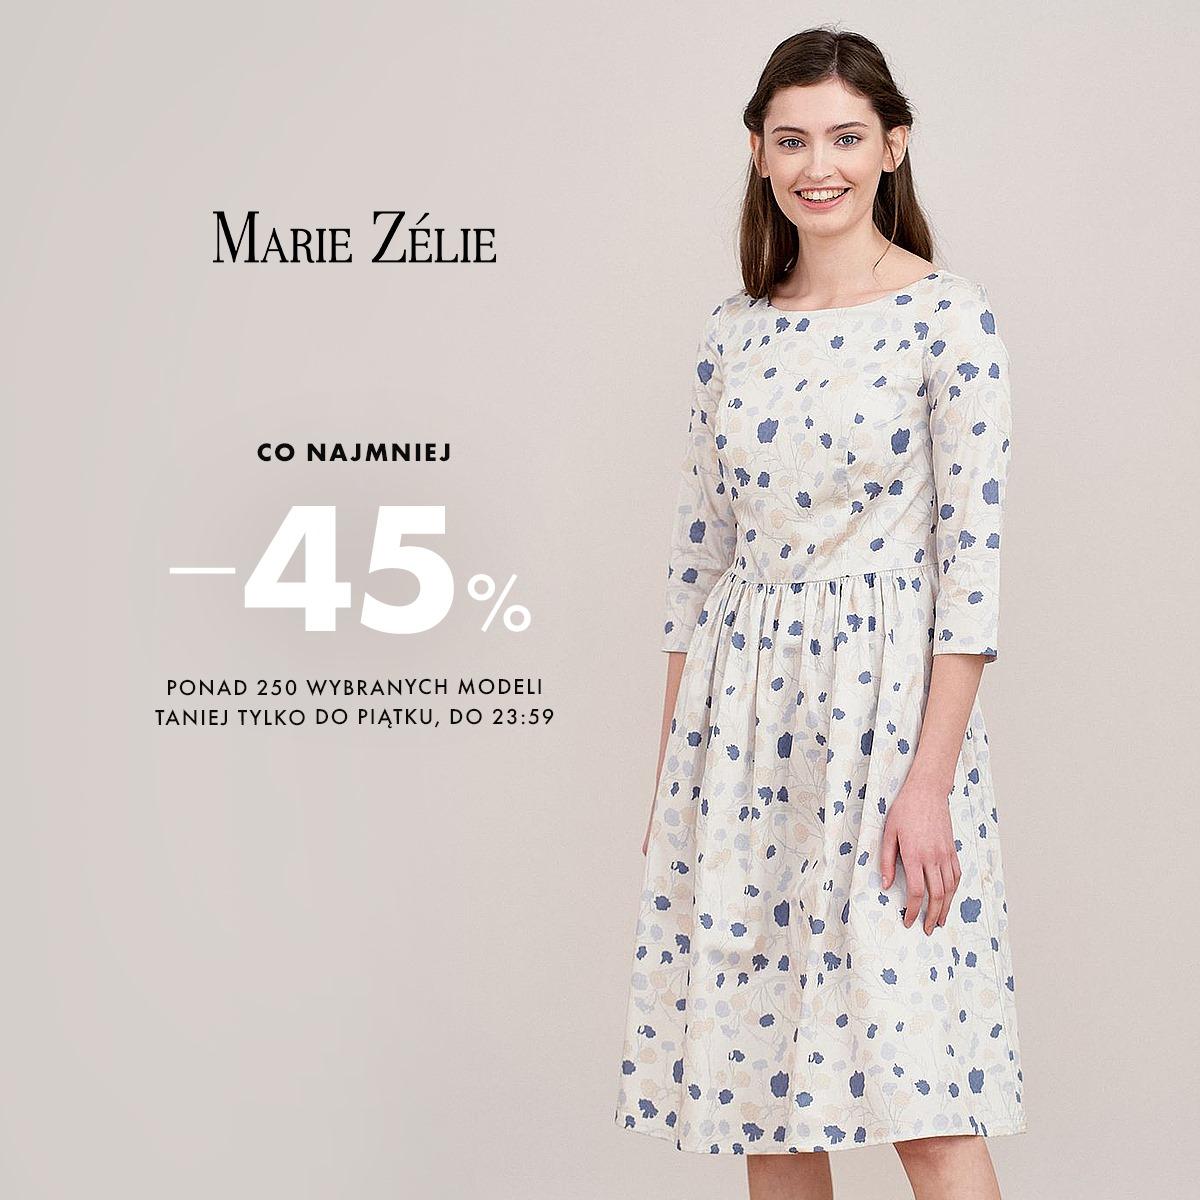 Marie Zelie: co najmniej 45% rabatu na ponad 250 wybranych modeli damskich